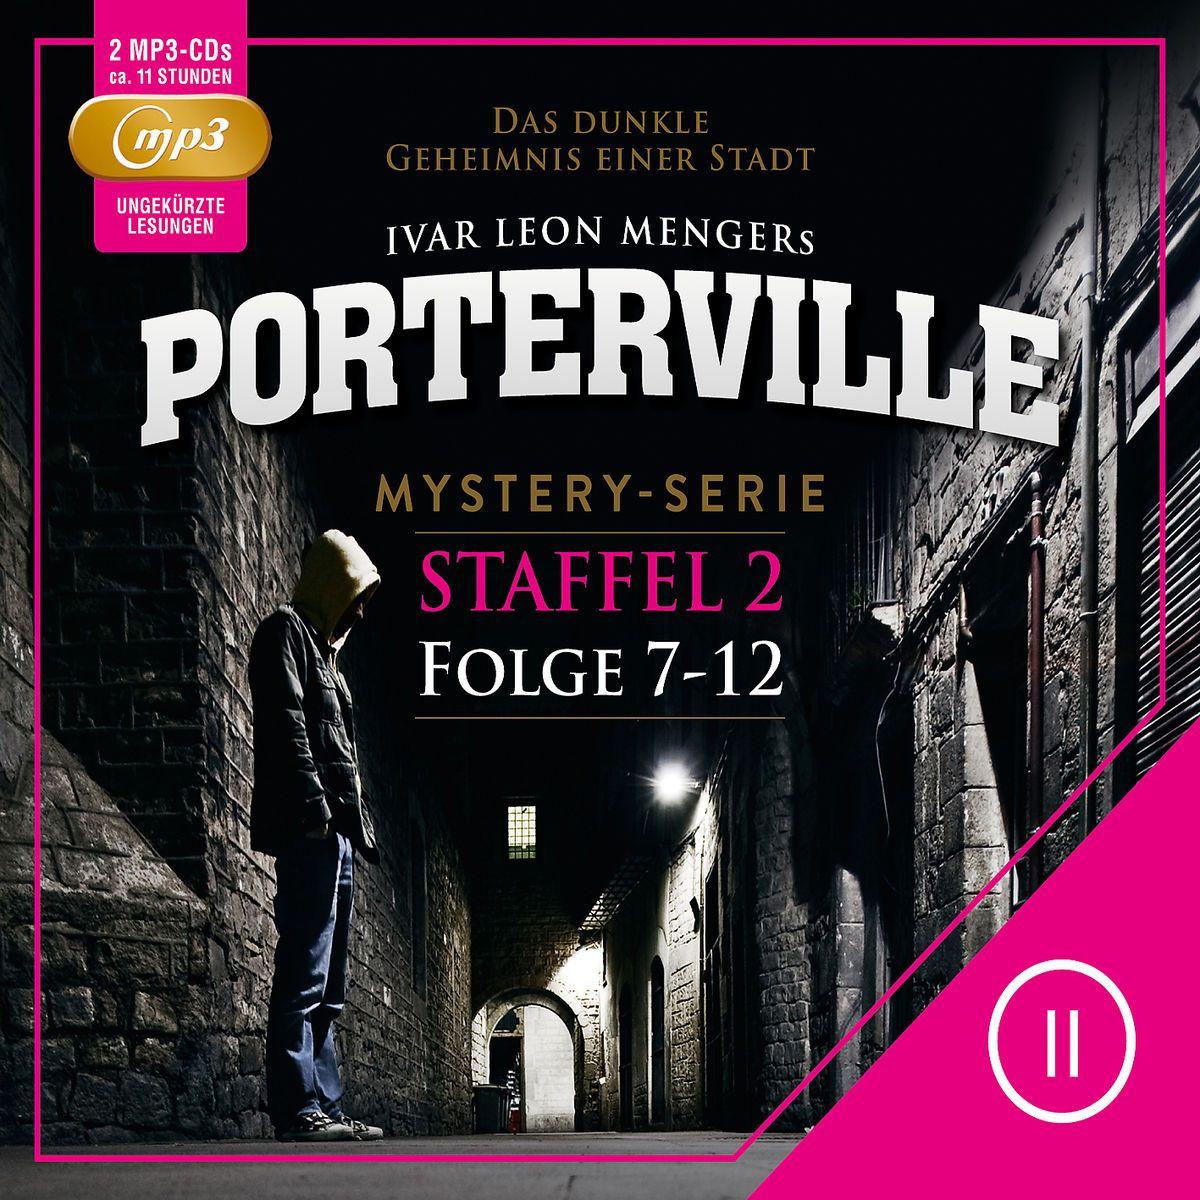 Porterville - Staffel 2 - Folge 7 bis 12